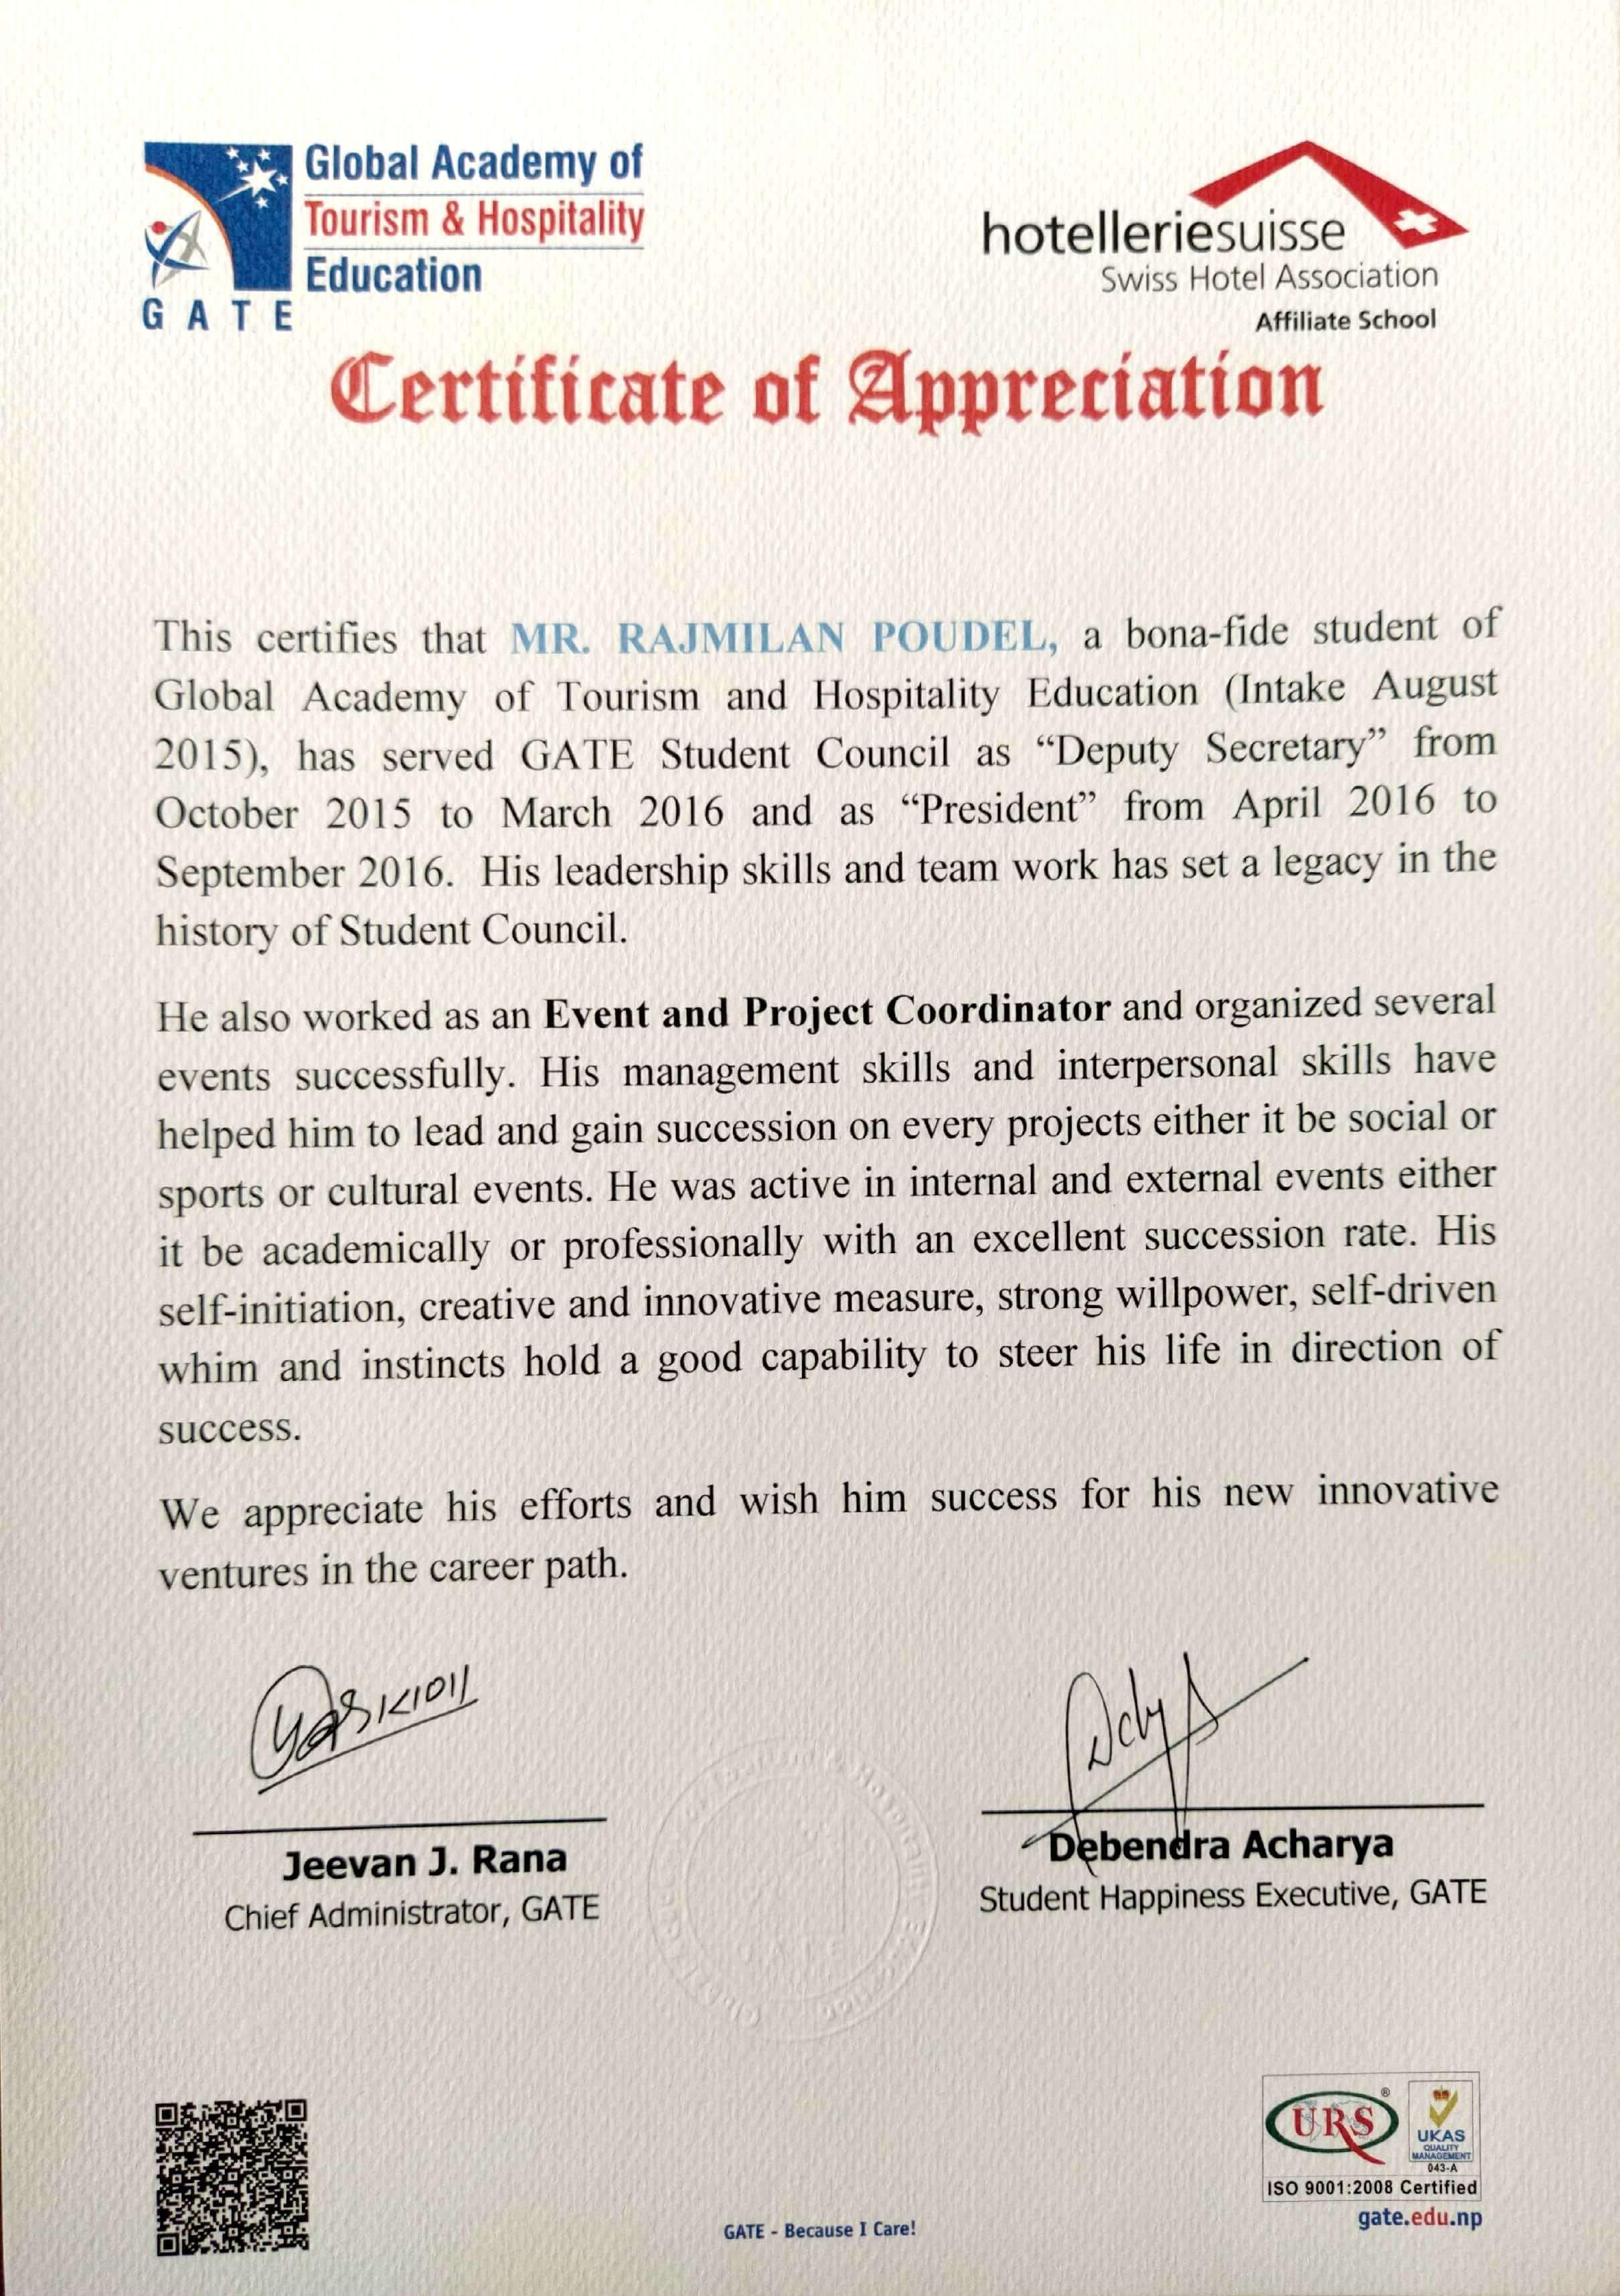 GATE Appreciation Certificate.jpg